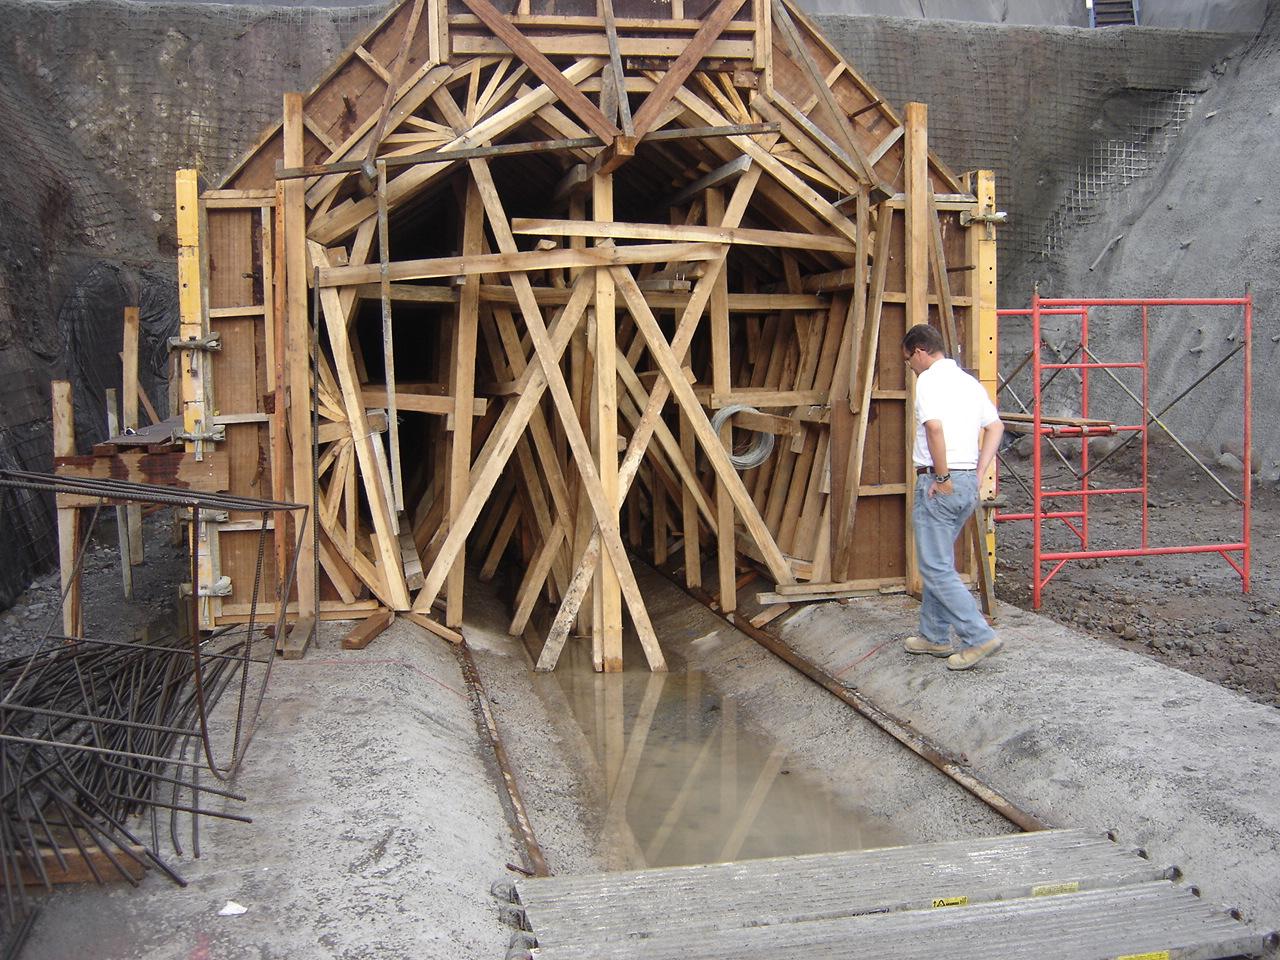 Túneles - Tunnels